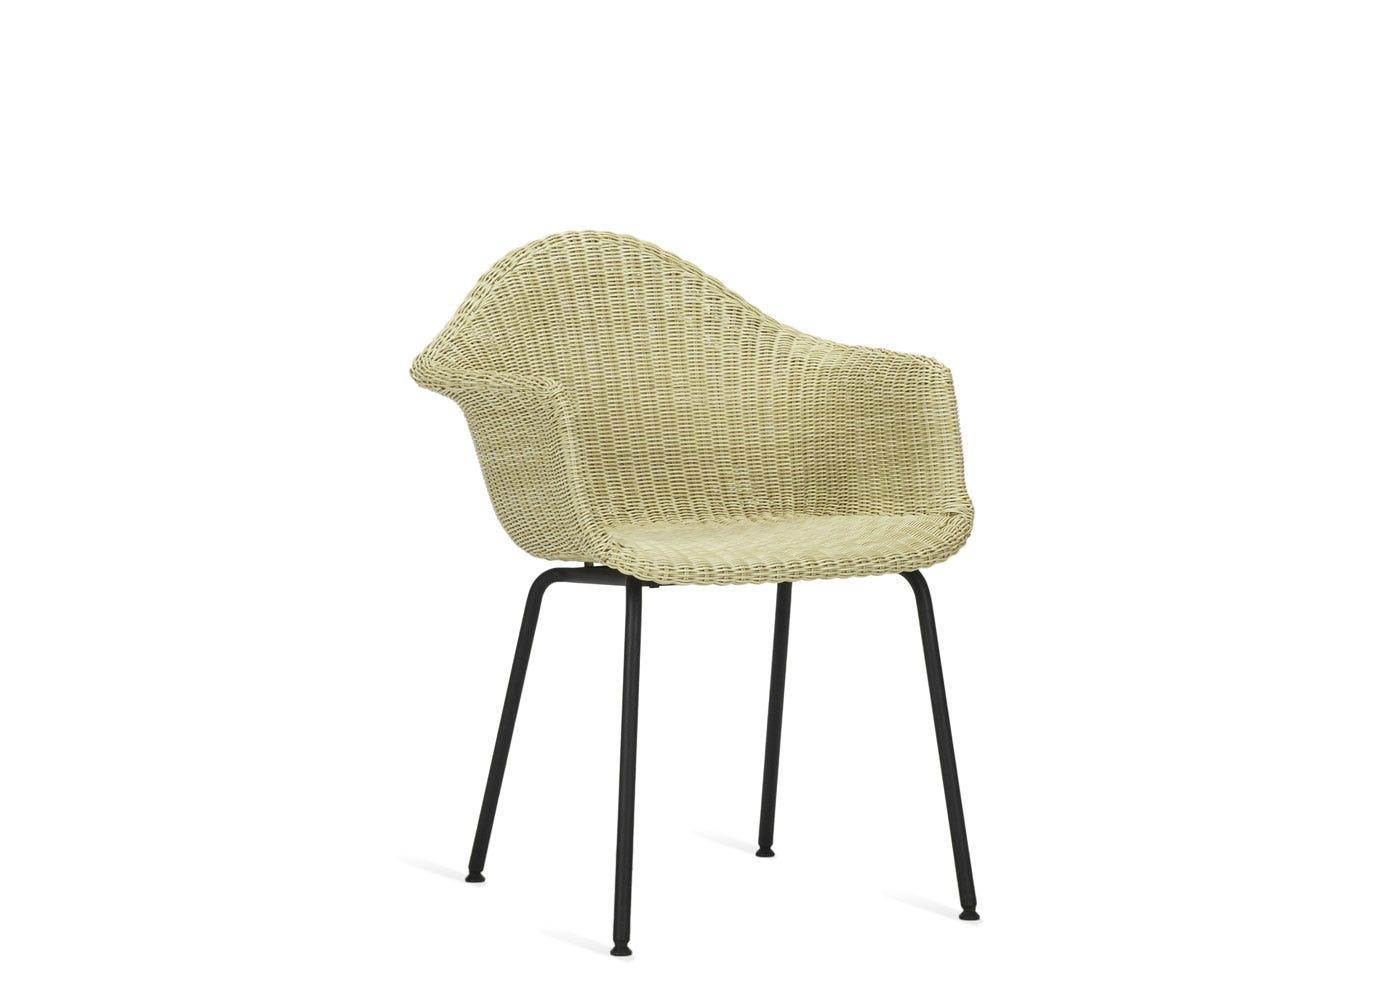 As shown: Finn dining chair in cream.